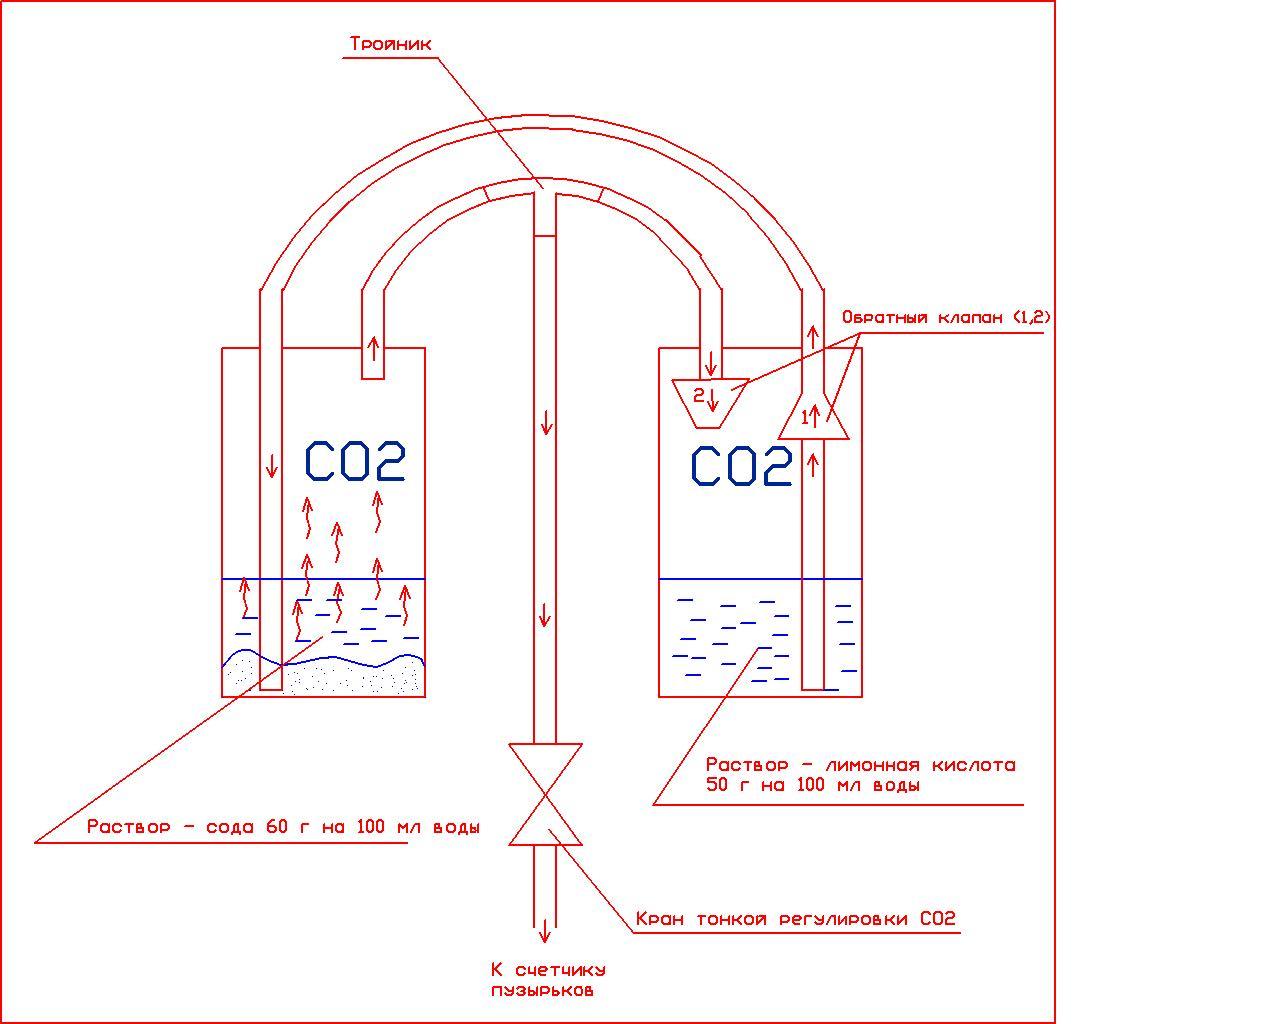 Как сделать систему со2